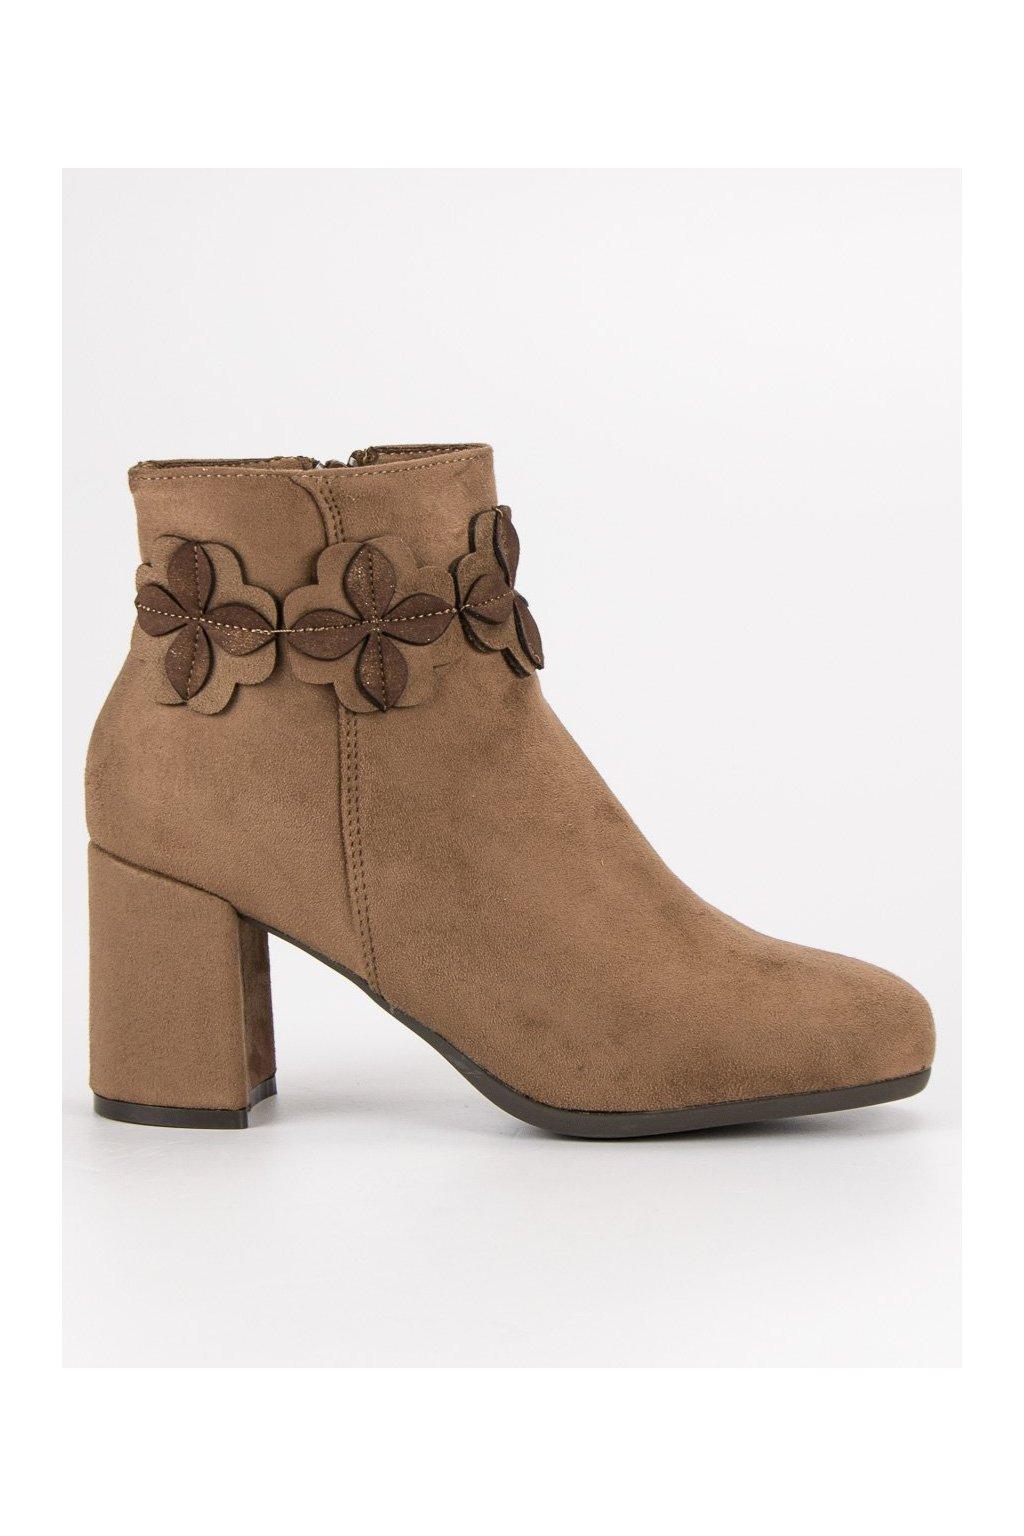 d79d9a56e5d0 Výpredaj Zimná obuv